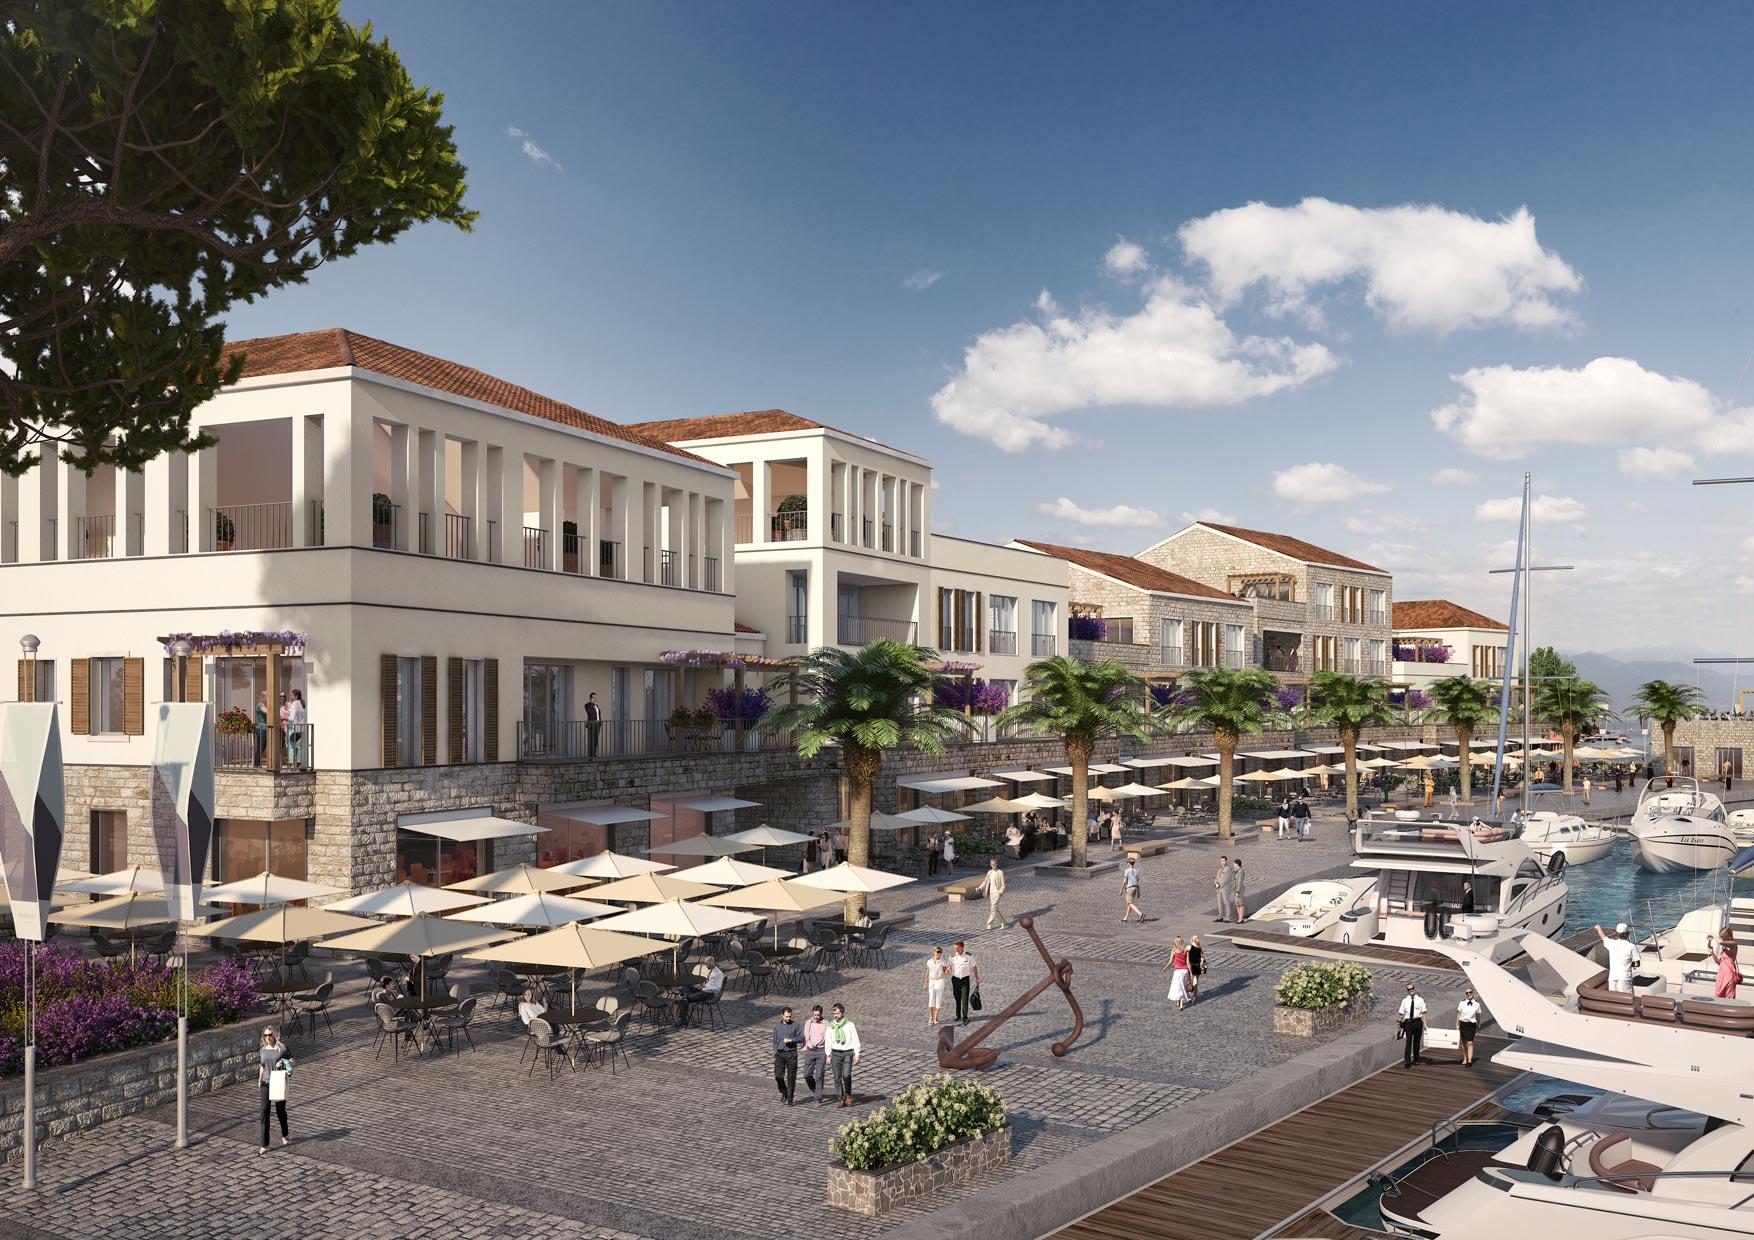 Elite-resort-with-luxury-apartments-in-Herceg-Novi (6).jpg